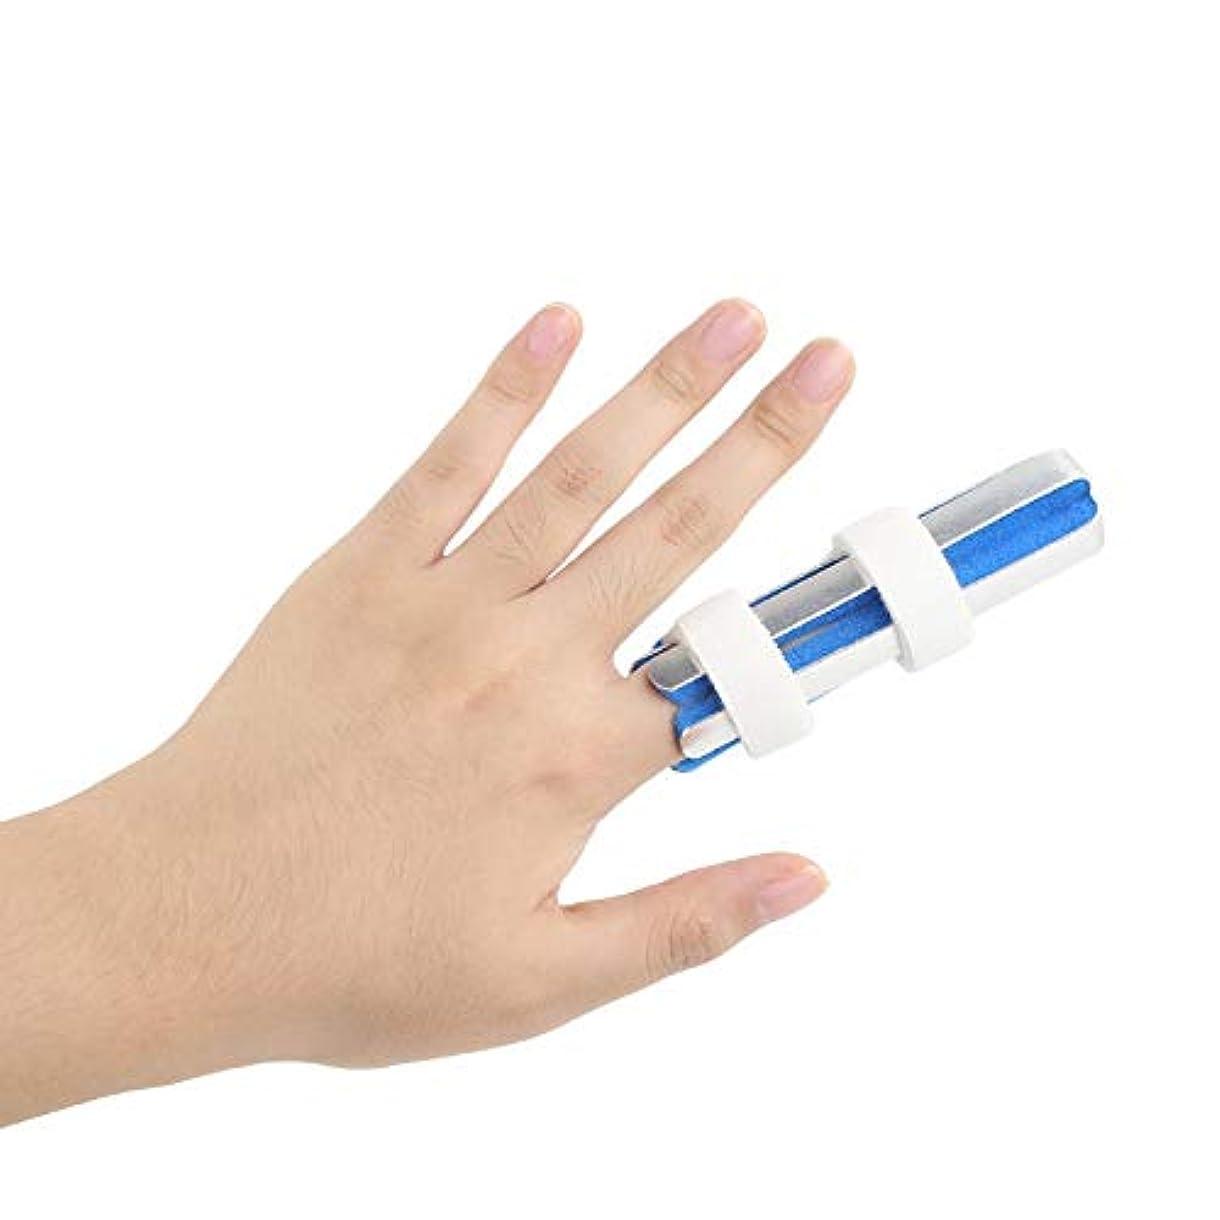 かもしれない取り扱いルネッサンス指骨折固定副木 - 保護指のカップリング装具脱臼の痛み指のけがの痛み保護指関節,S